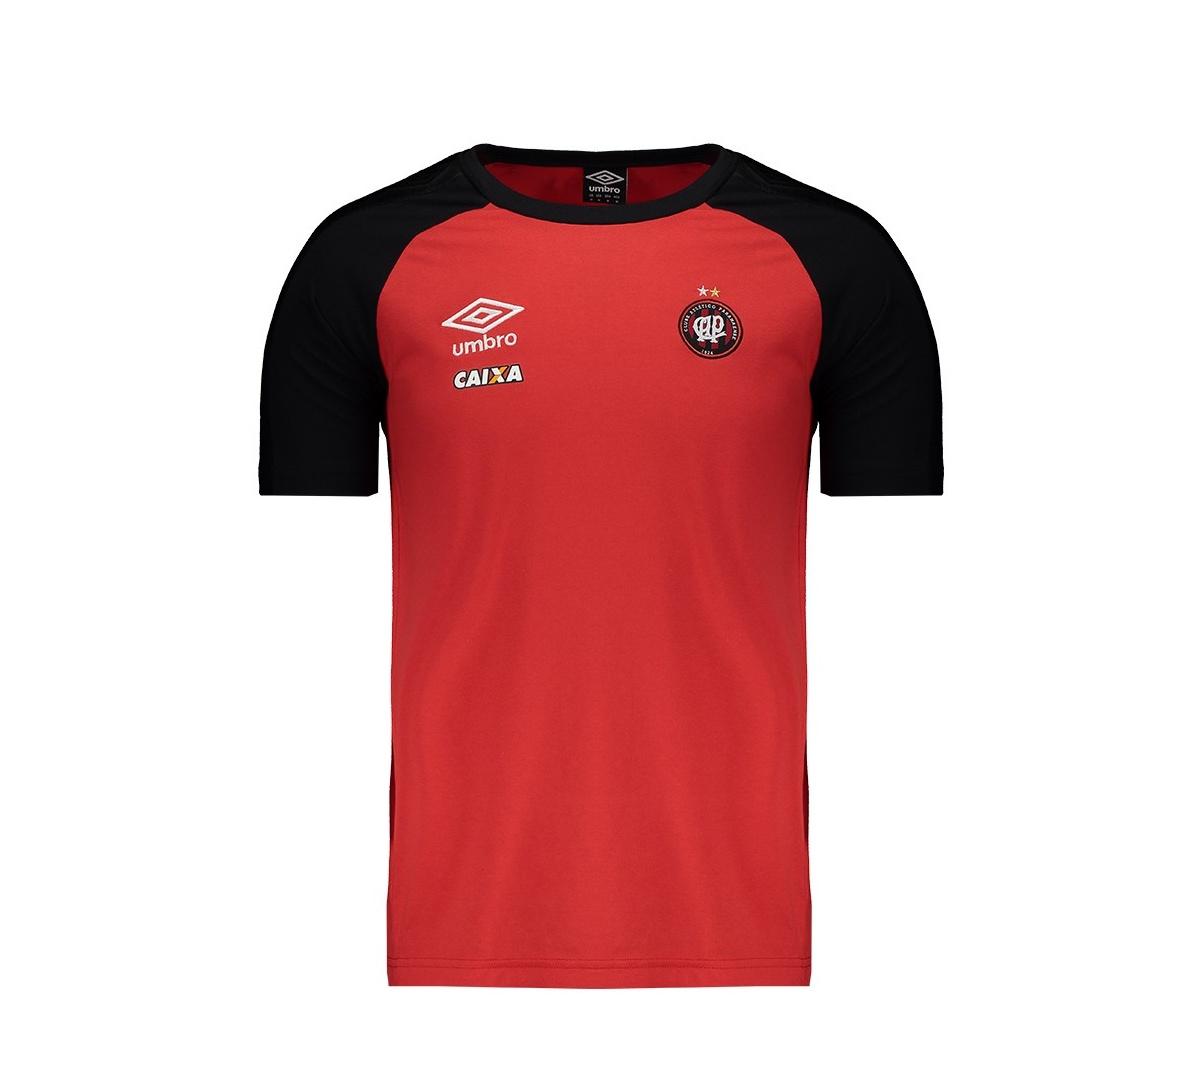 Camisa Atlético Paranaense Concentração Umbro 2017